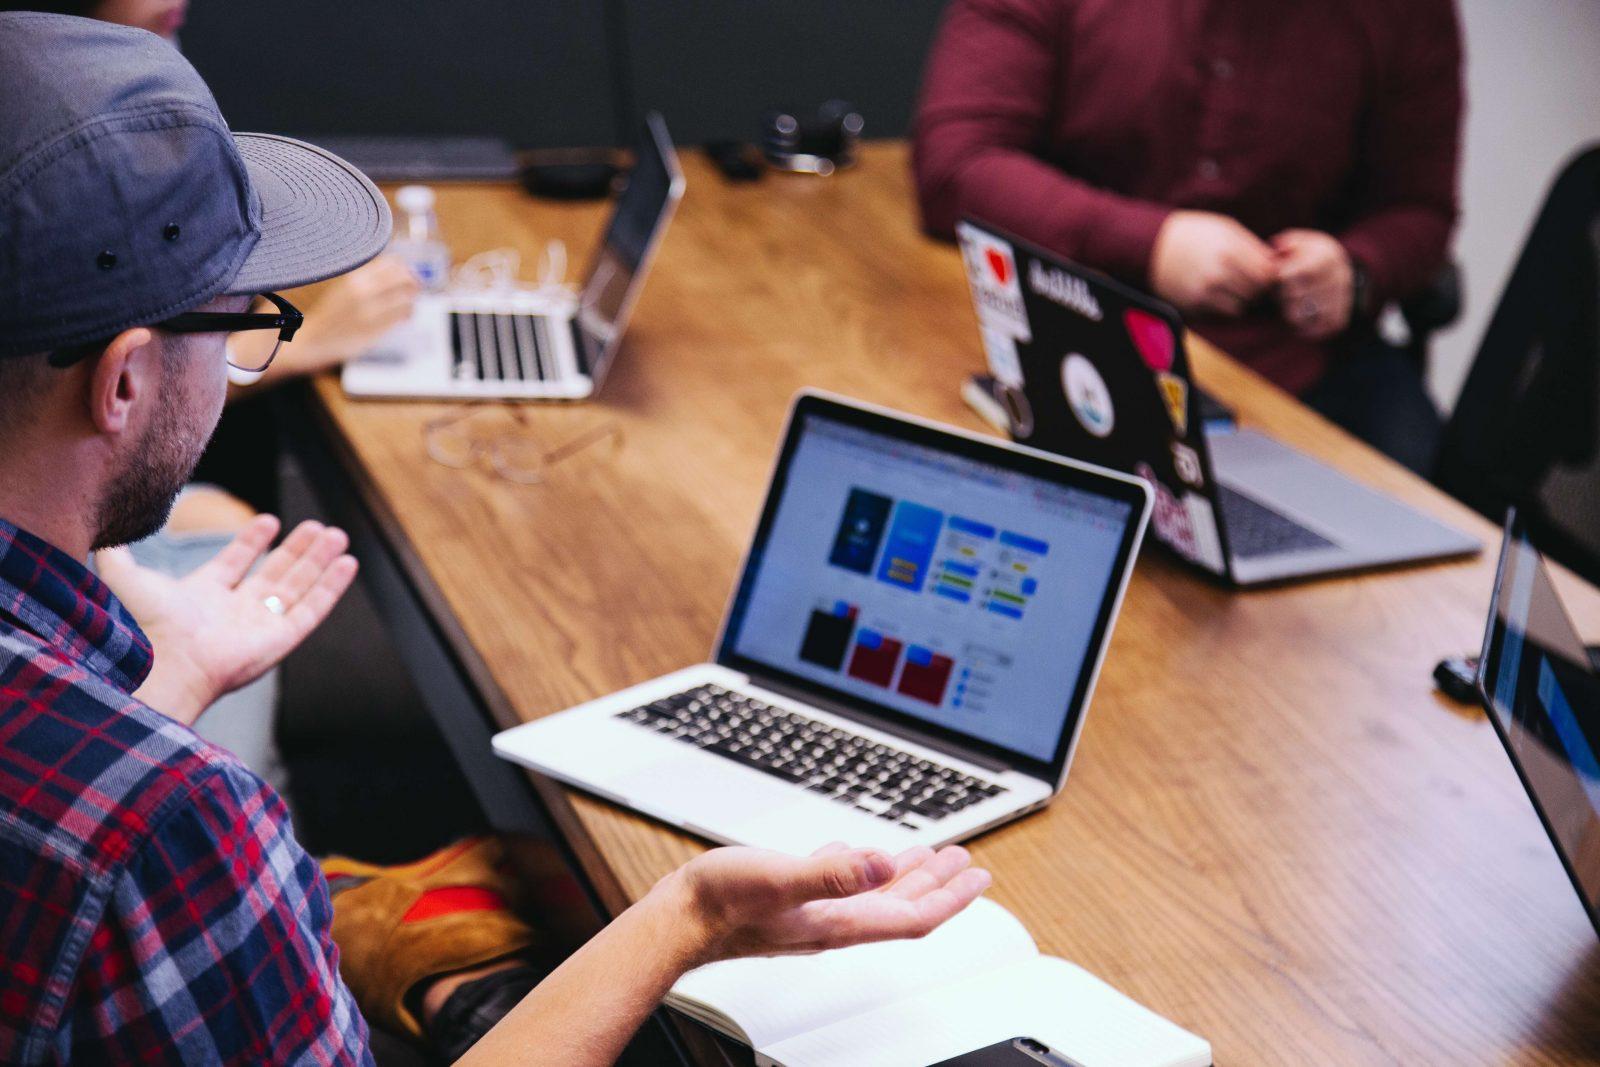 Junger Mann mit Cap sitzt am Meeting Tisch und trägt seine Ergebnisse vor